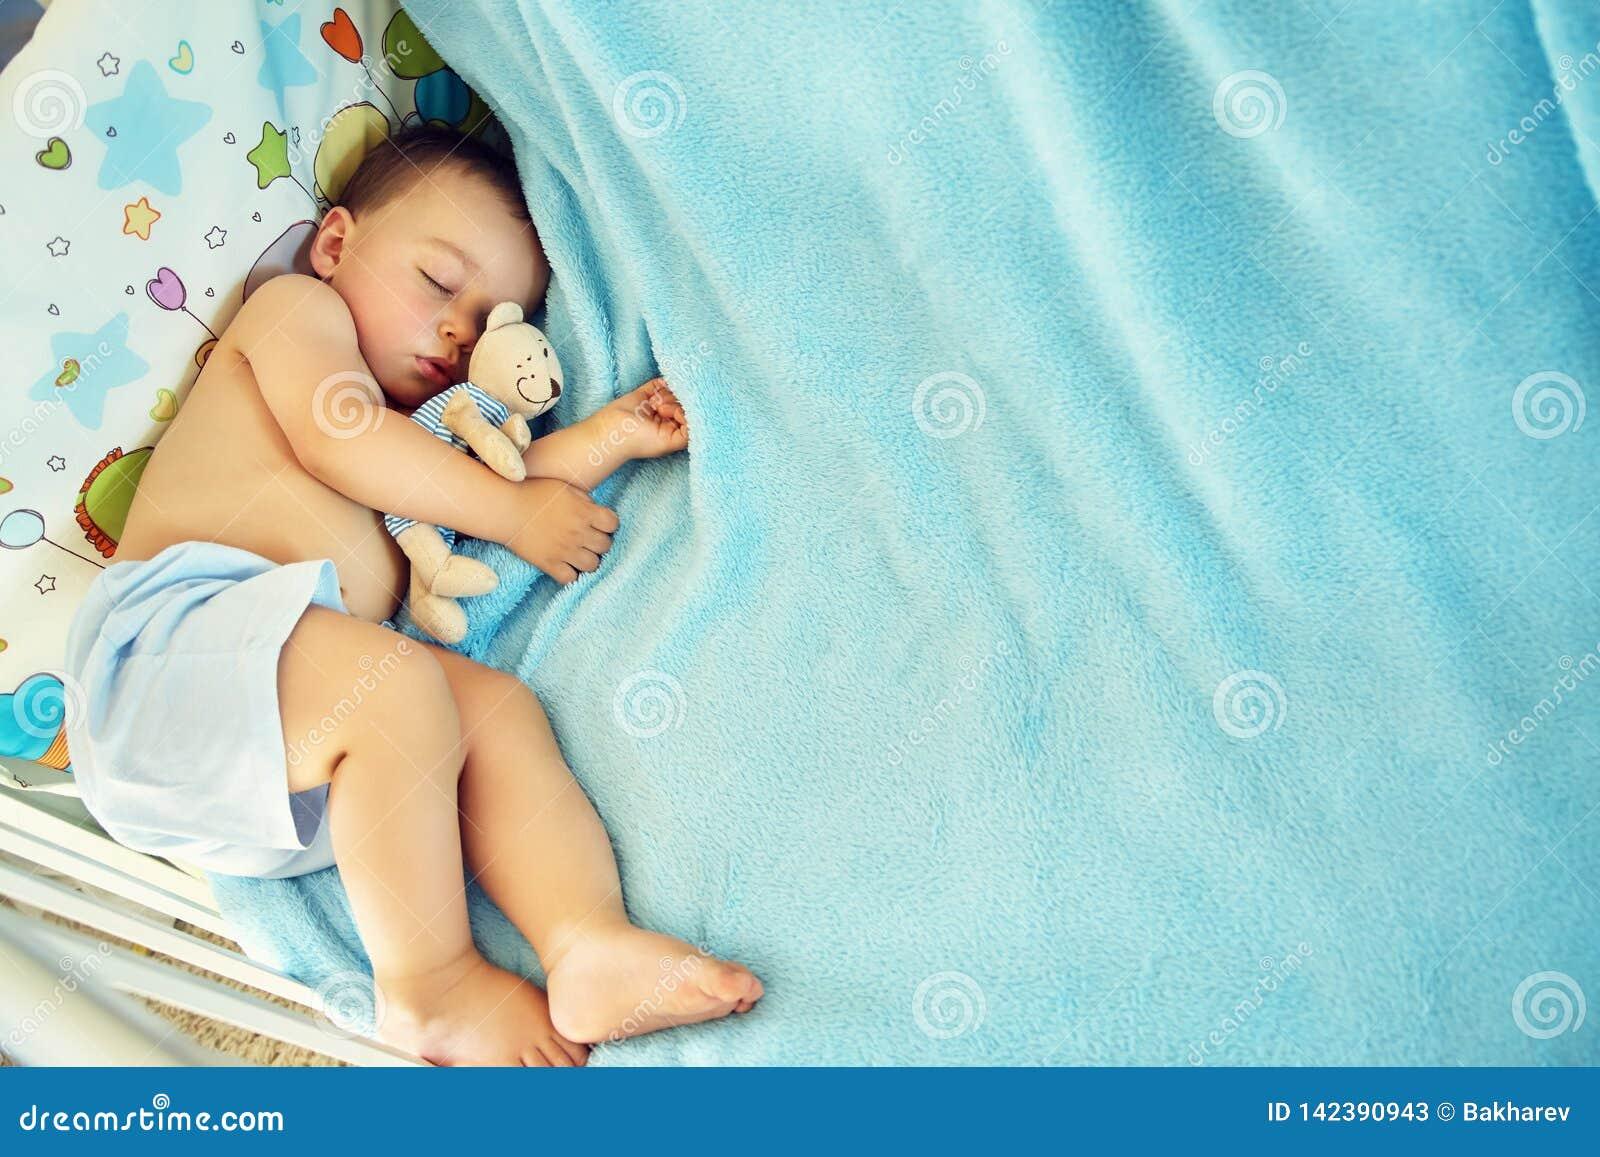 Bambino addormentato con un orso molle del giocattolo ragazzino che si trova in greppia su una coperta blu